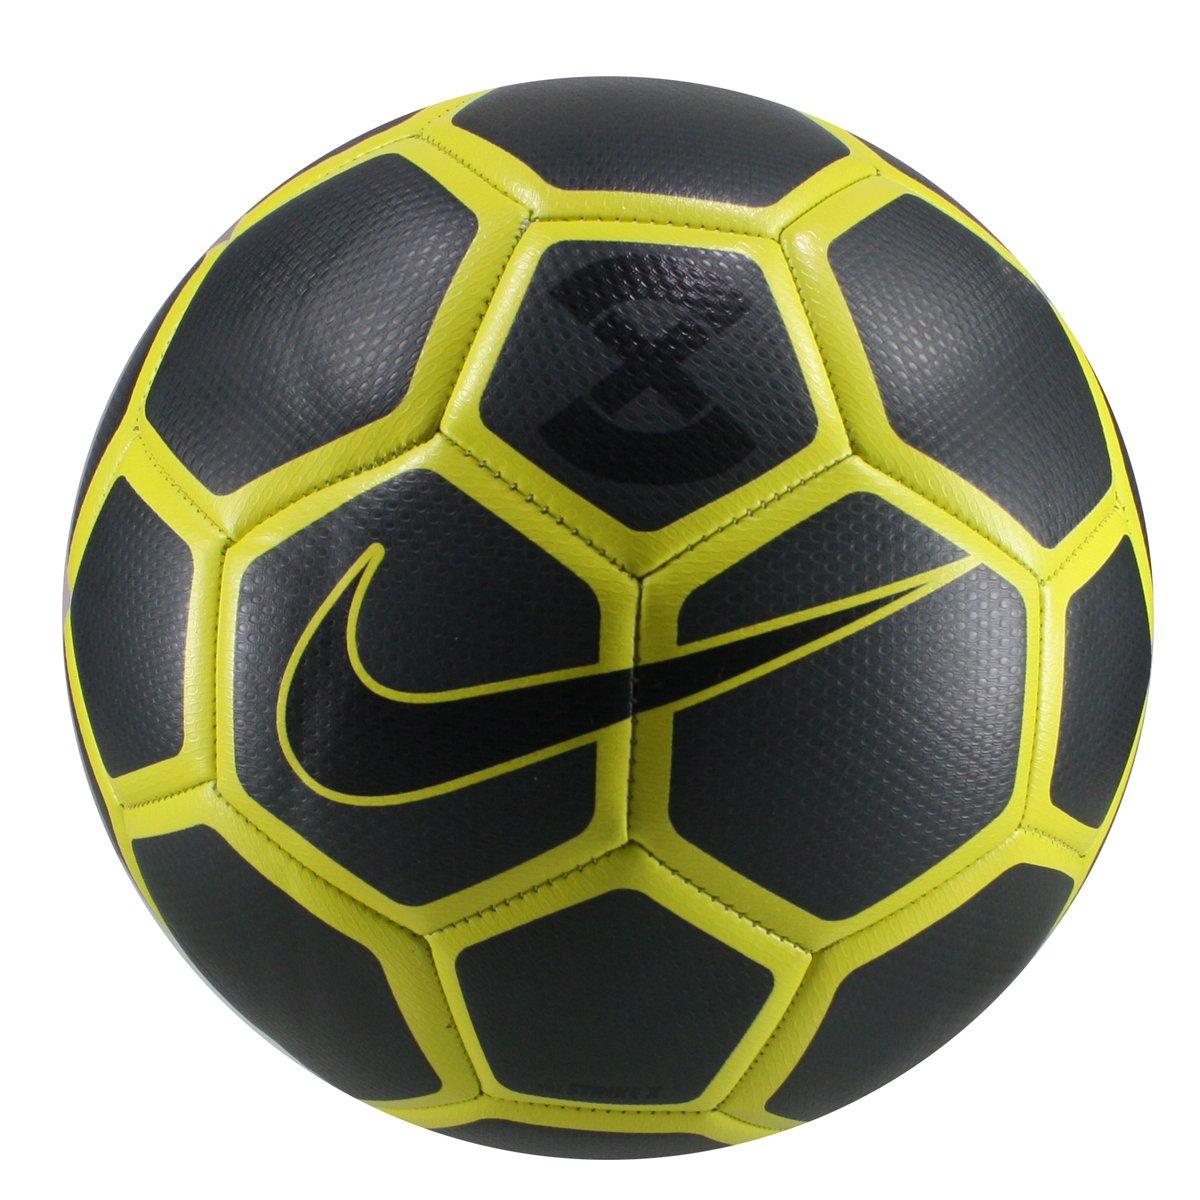 db2417935a Bola Campo Nike Strike X SC3506-060 - Preto Amarelo - Calçados ...